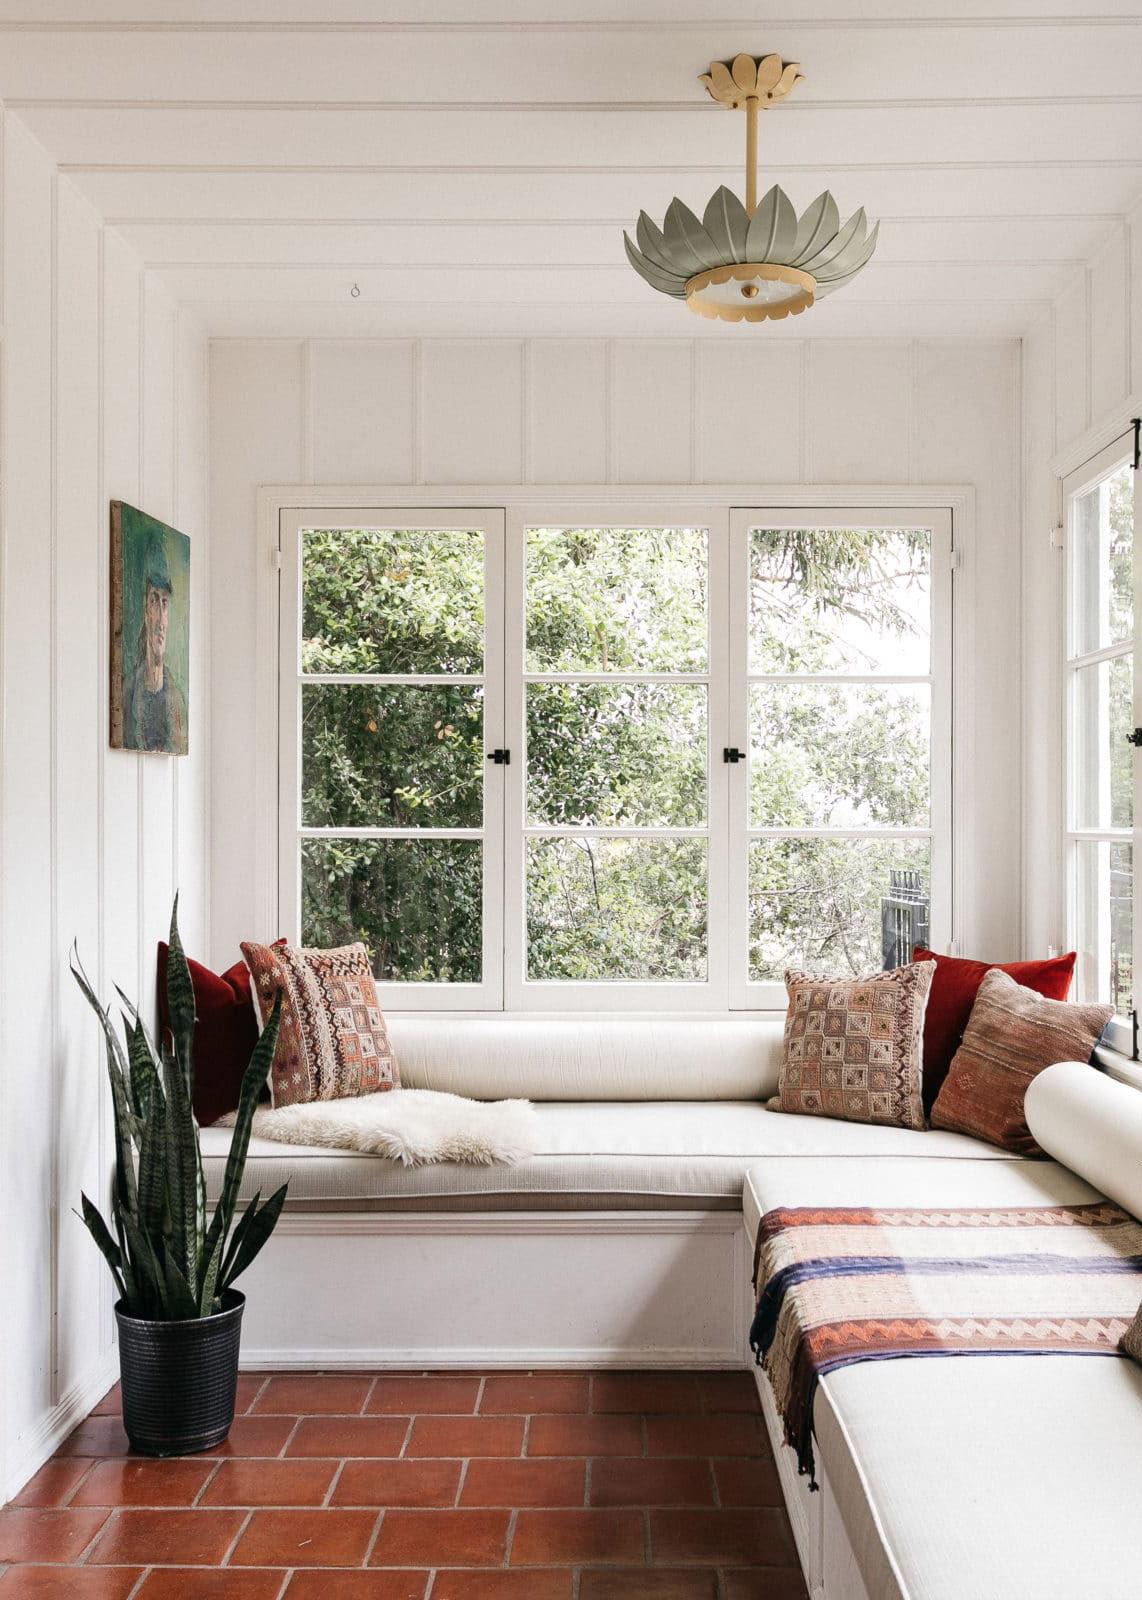 جولة في المنزل :: العمارة الكلاسيكية في كاليفورنيا وقليل من بوهو اجعل هذا المنزل في هوليوود هيلز جذابًا للغاية